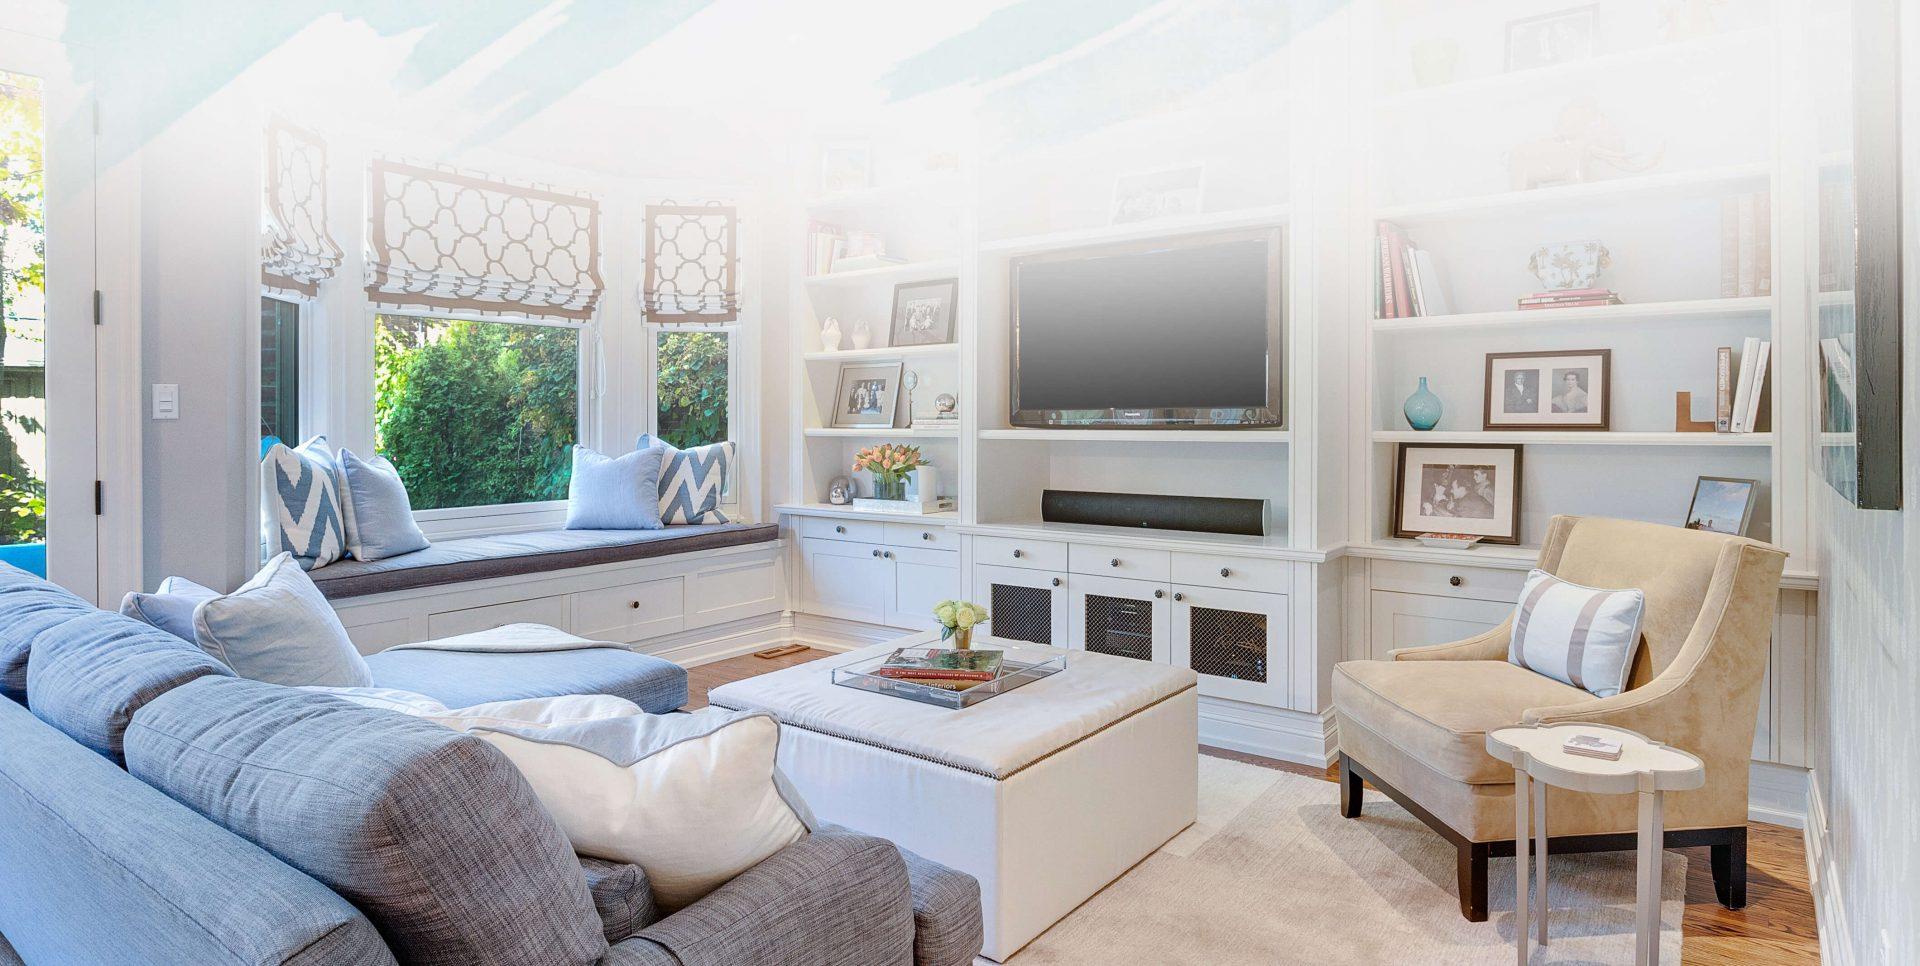 Hasil gambar untuk Make Your Home Oasis